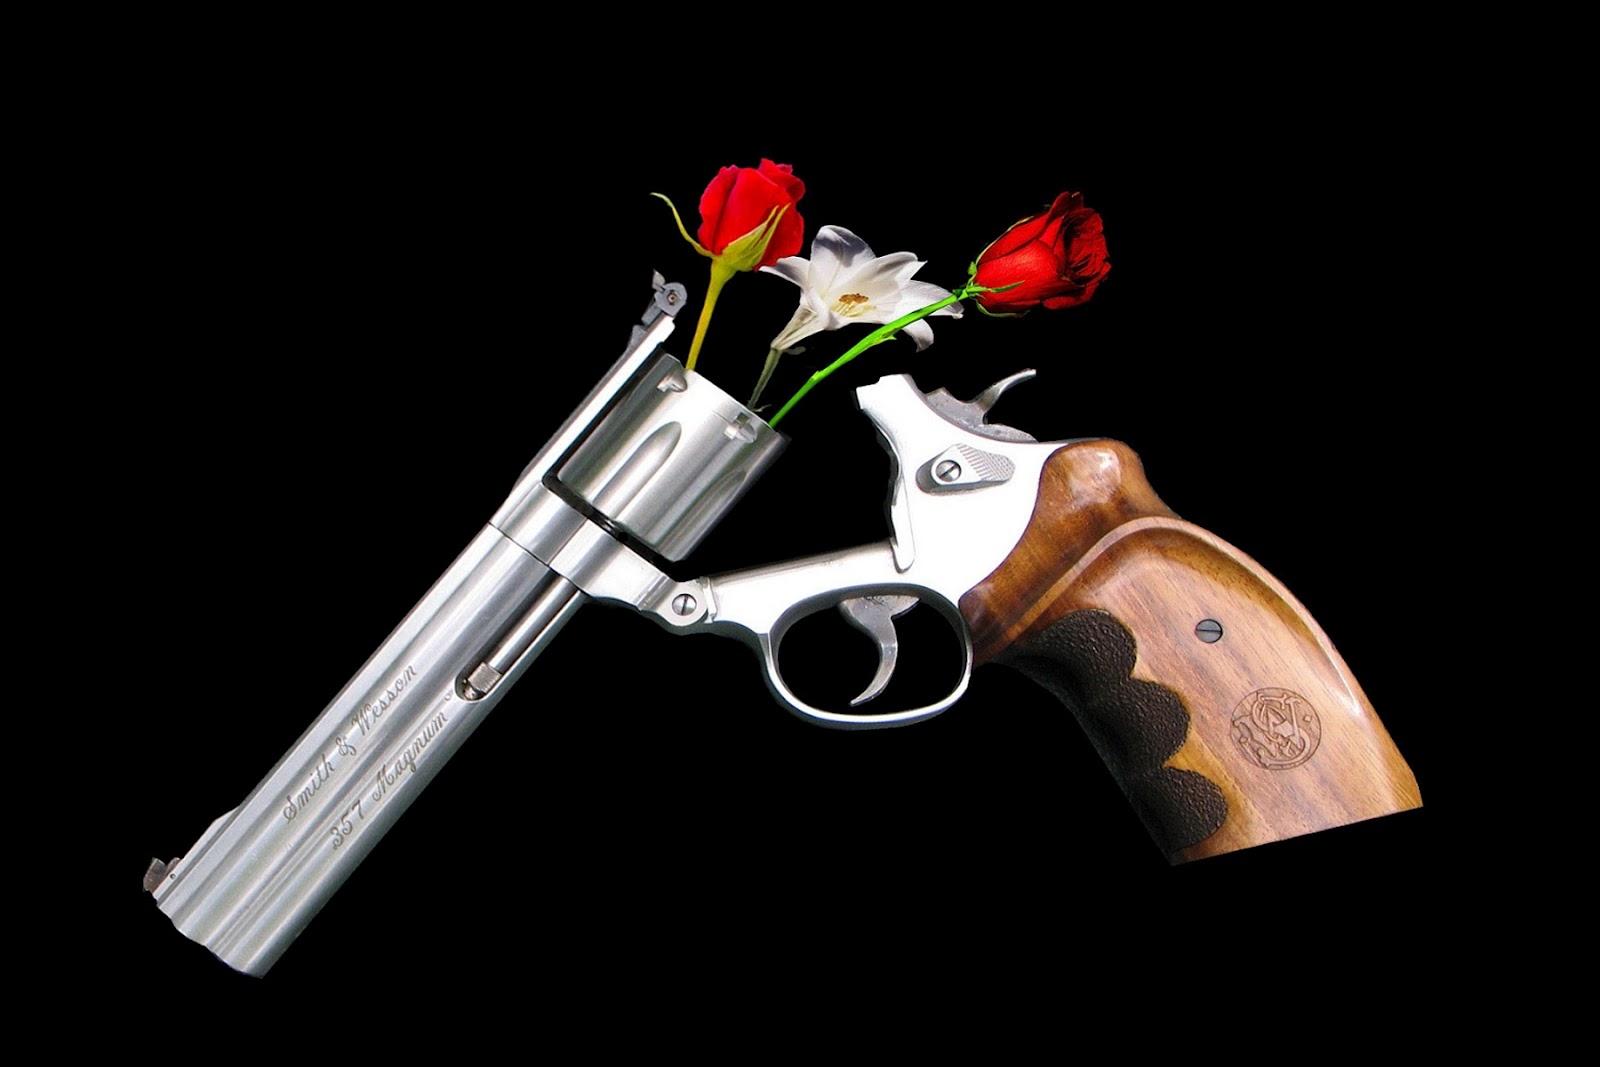 http://4.bp.blogspot.com/-IVq6kW-OJo8/UC7QGKejiTI/AAAAAAAAFXg/emq8U8RZcPU/s1600/gun_high_resolution_desktop_1800x1200_hd-wallpaper-701015.jpg